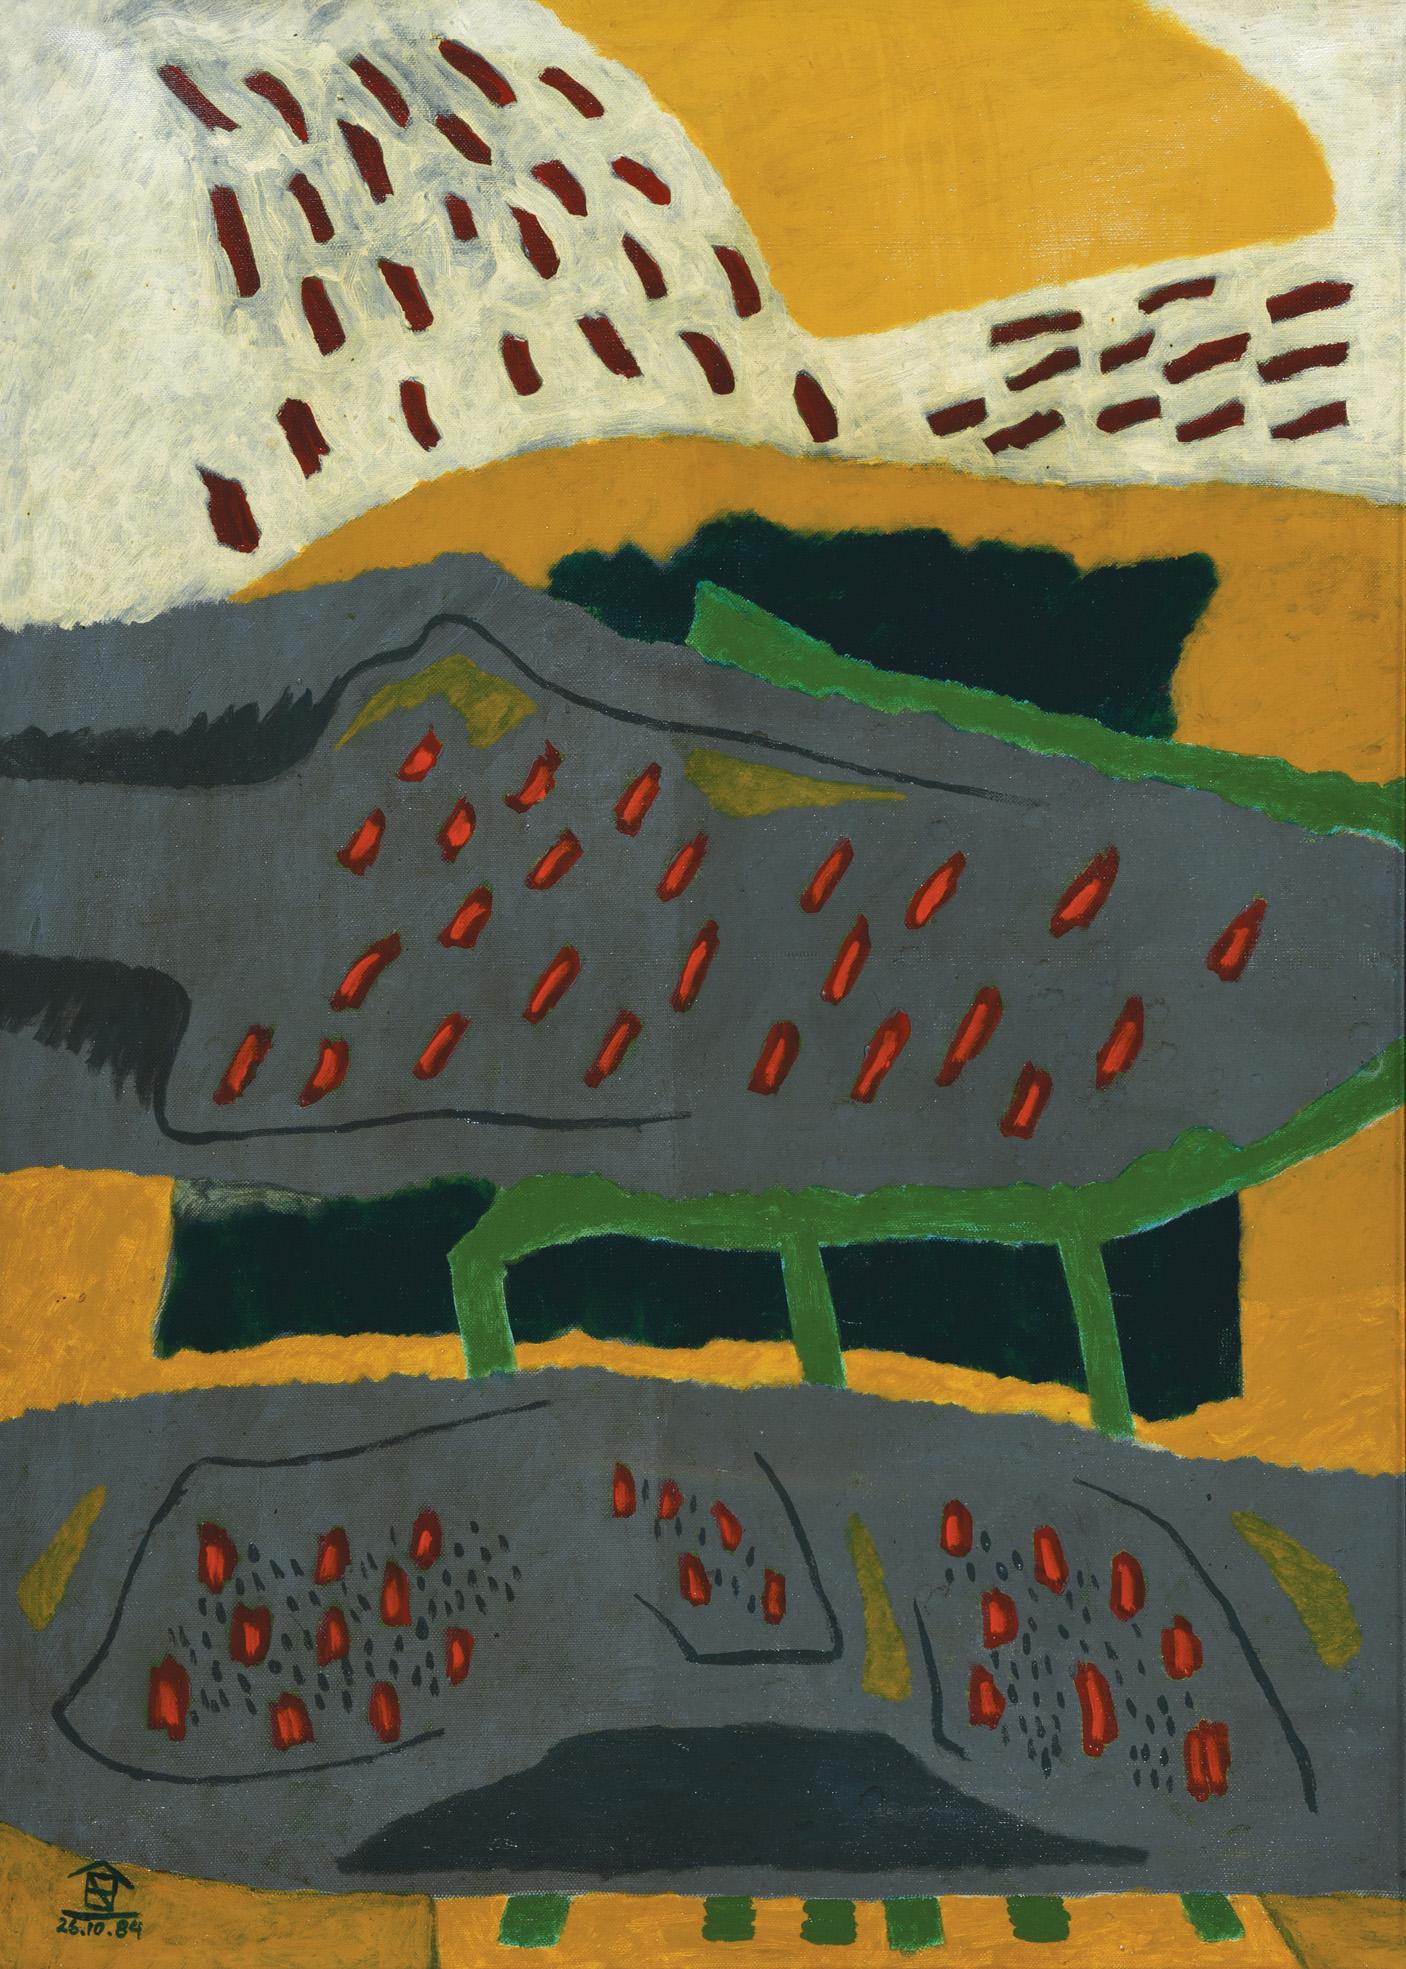 Nashar, Rintik-Rintik (Drizzle), oil on canvas, 88 x 64 cm, 1984